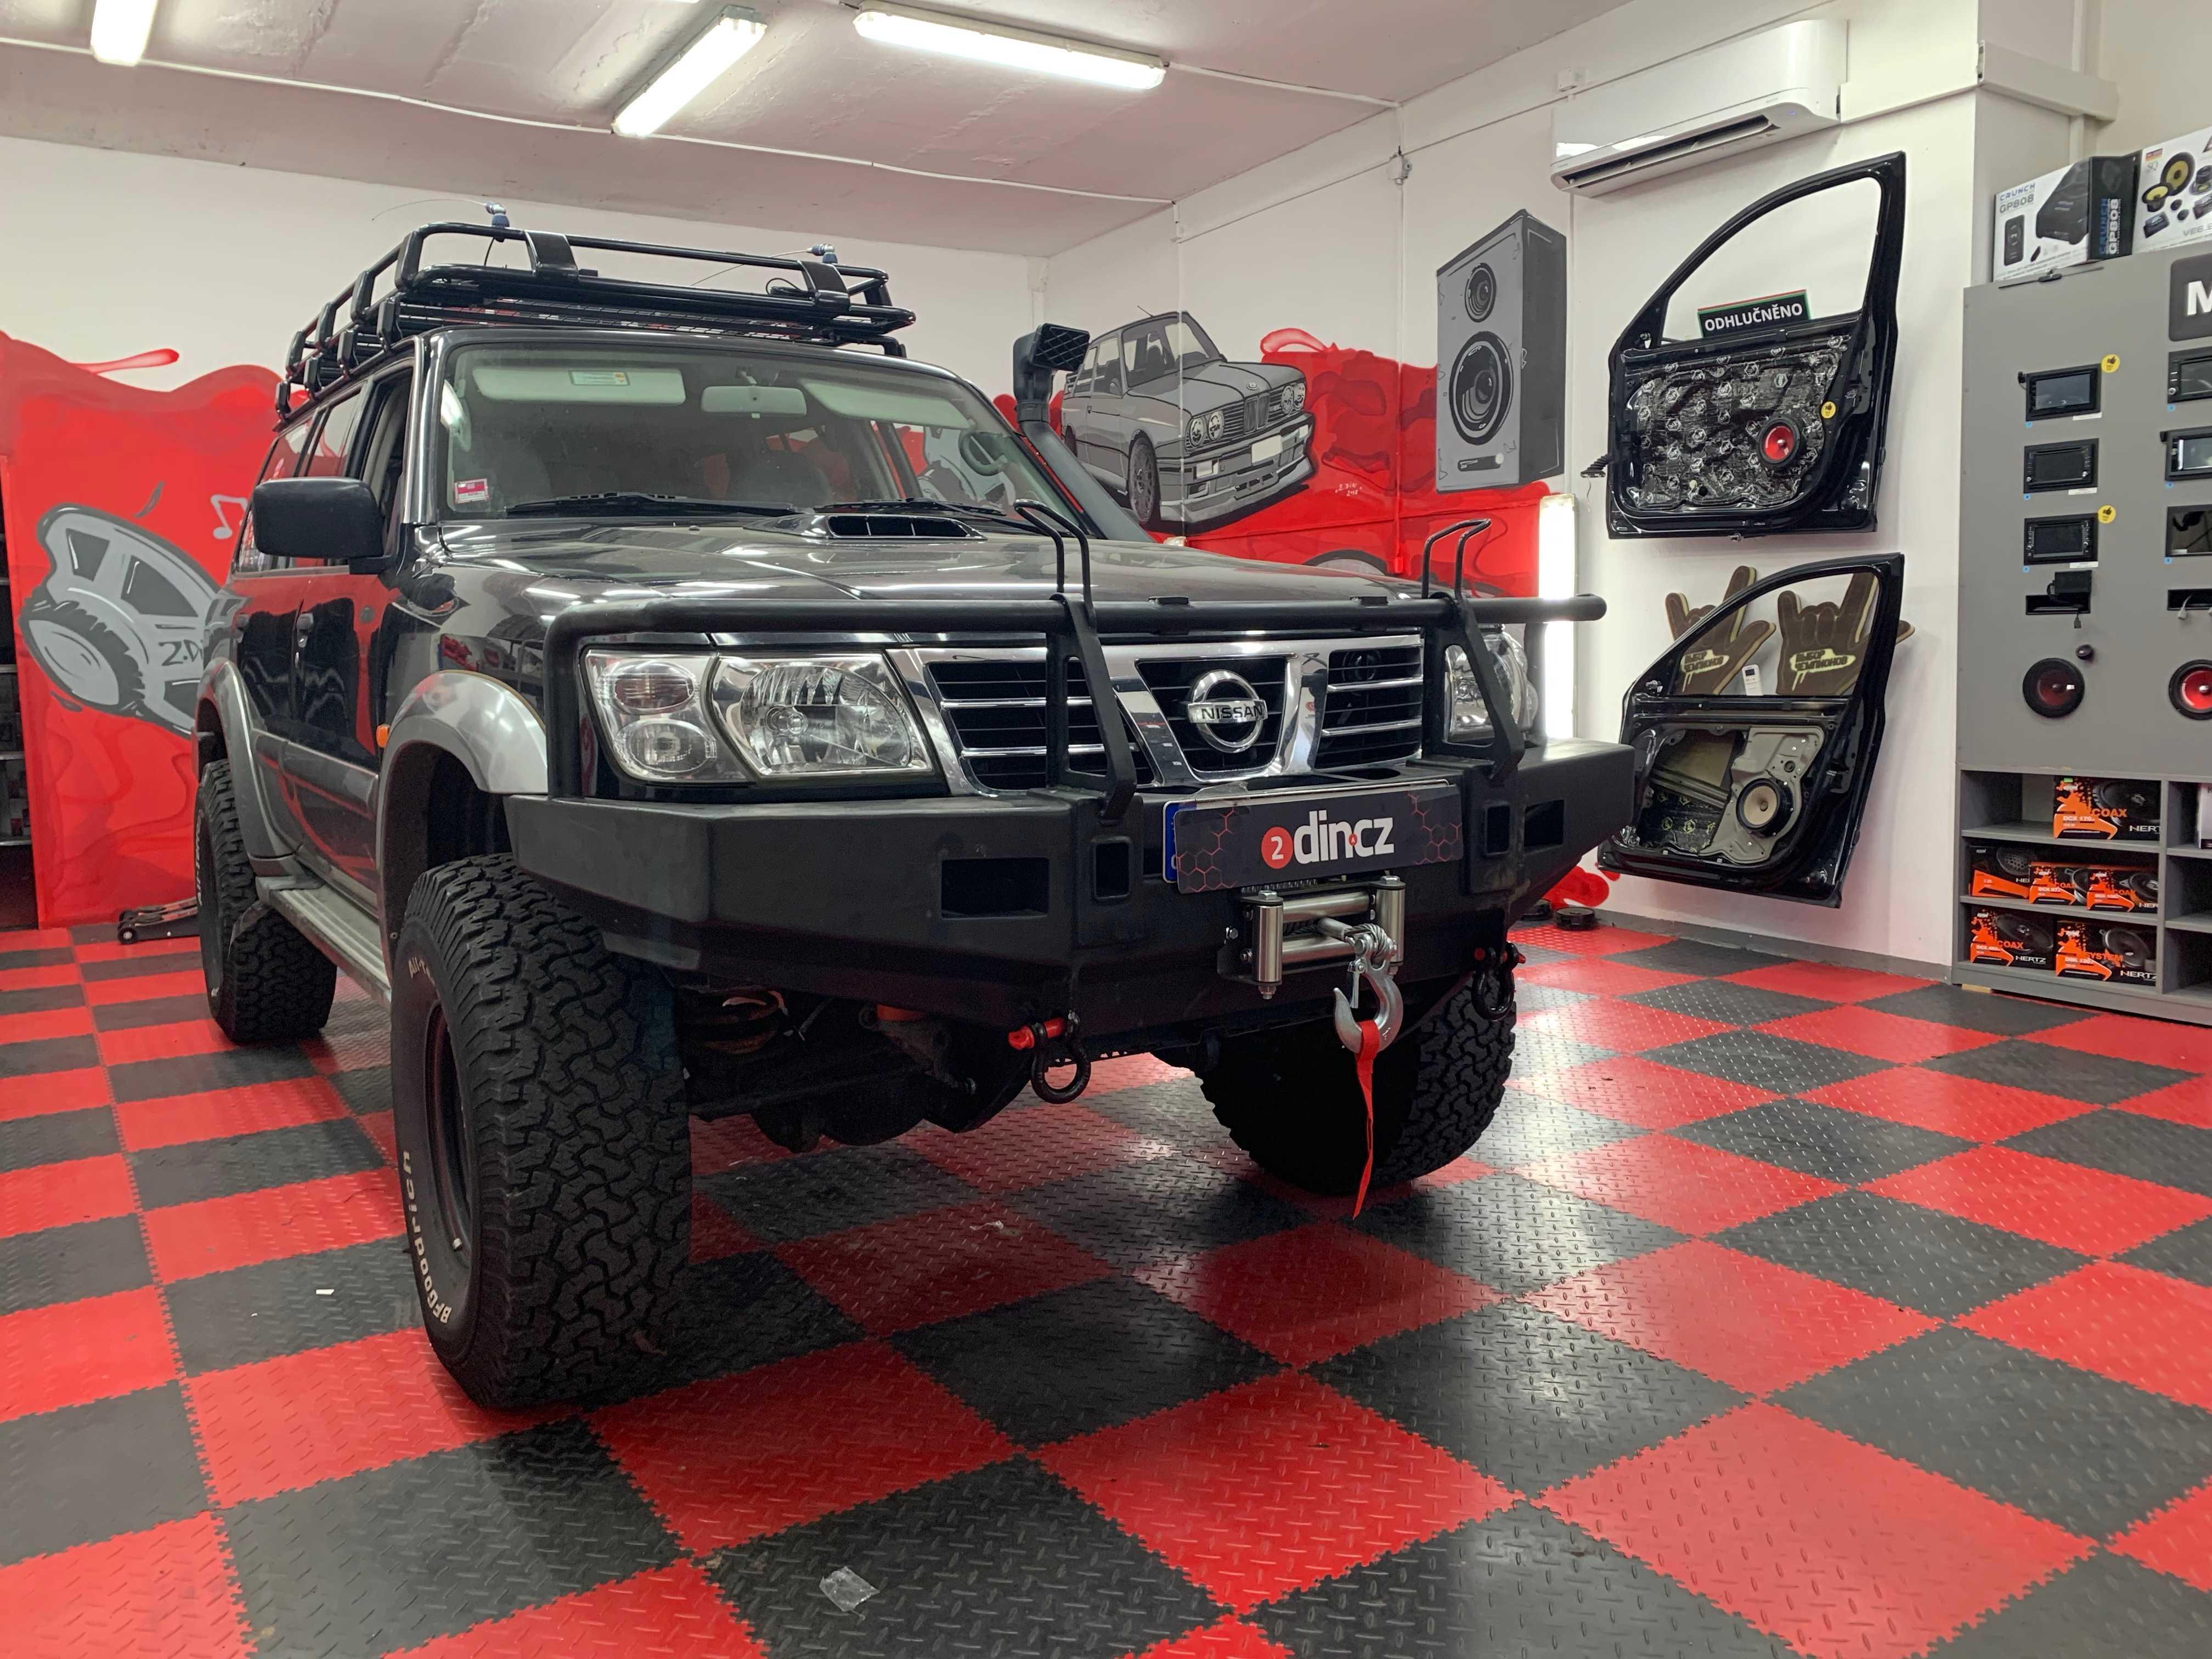 Nissan Patrol - Montáž 2din autorádia a výměna reproduktorů